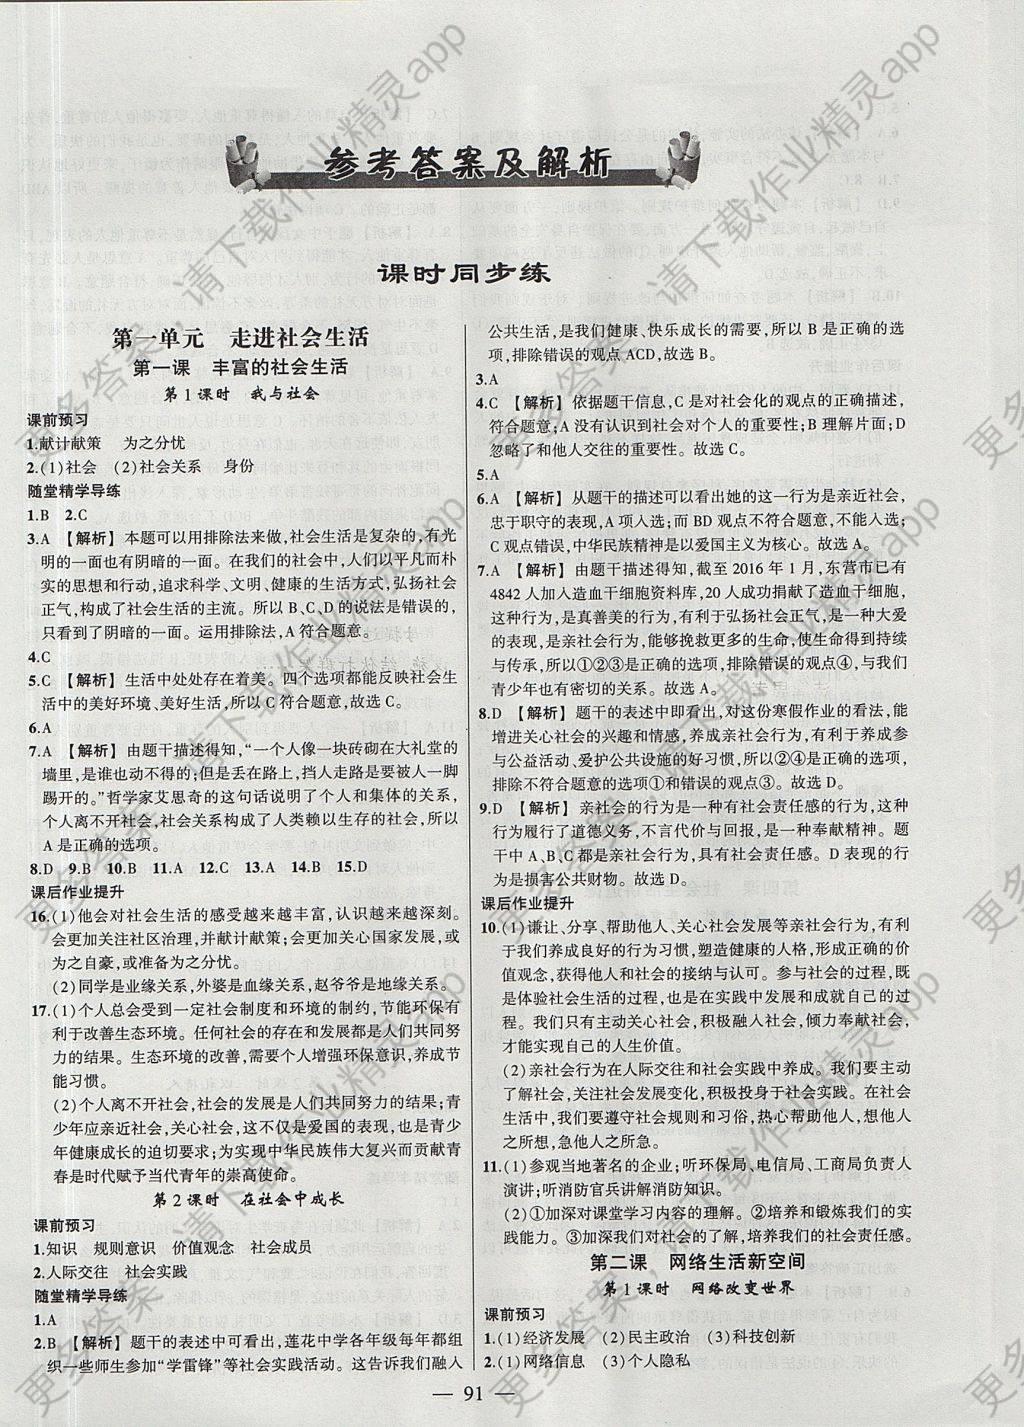 2017年黄冈状元导练导学案八年级道德与法治上册人教版 参考答案